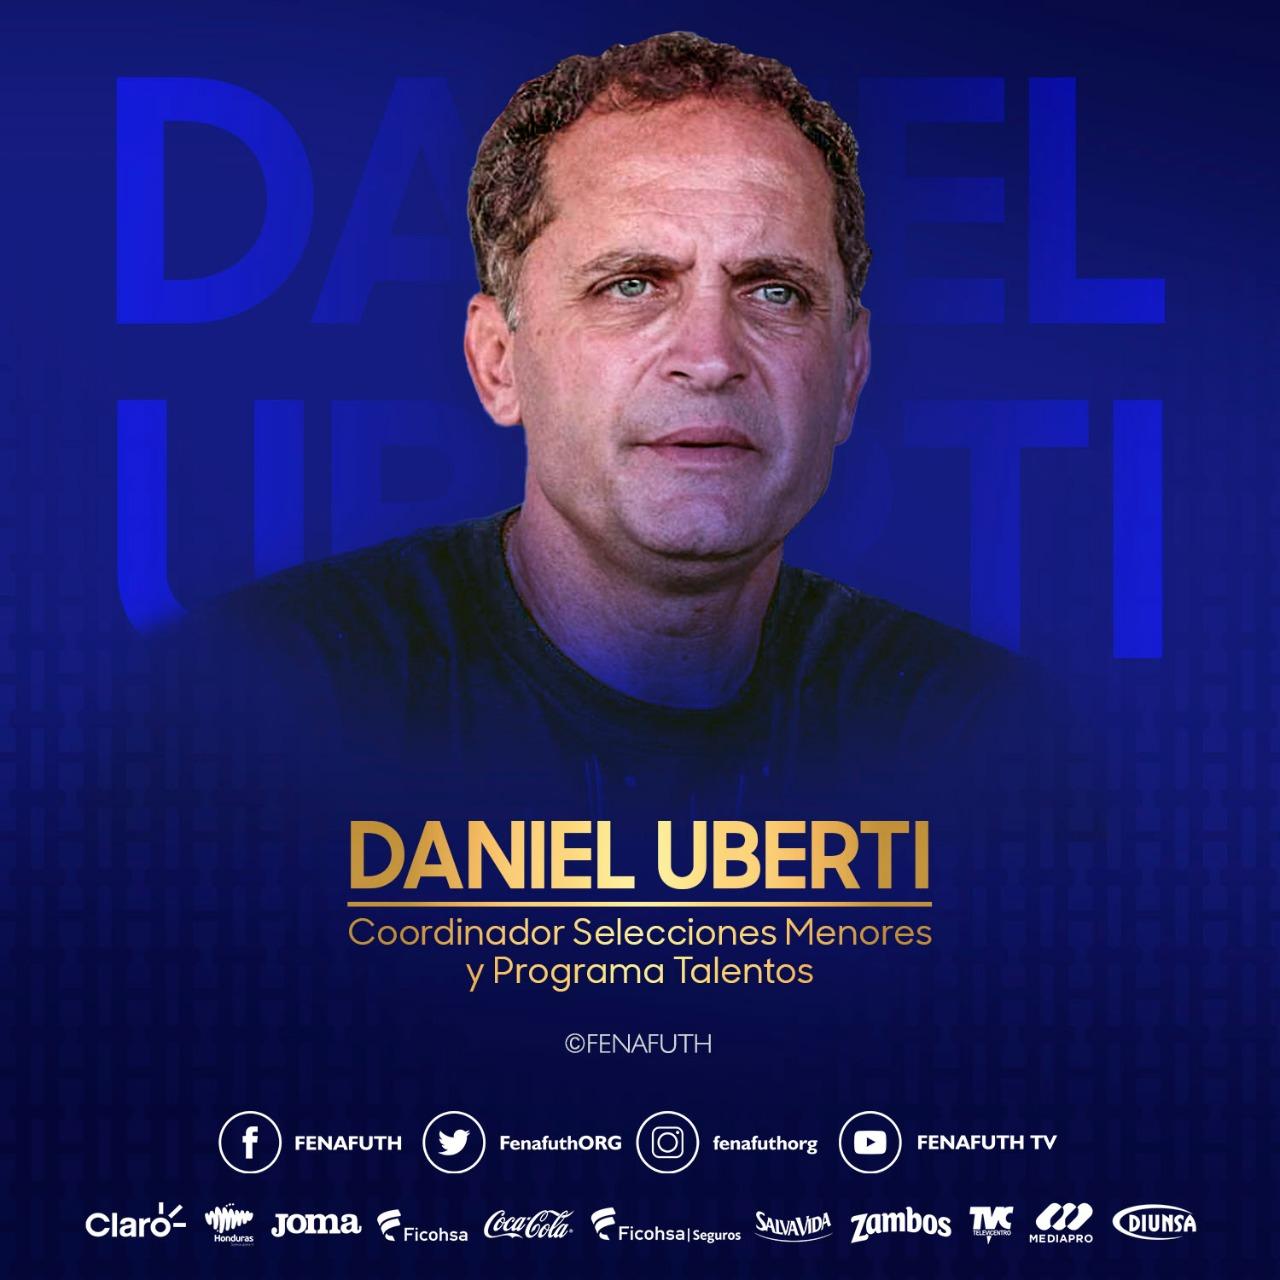 Daniel Uberti es el nuevo coordinador de selecciones menores en Honduras